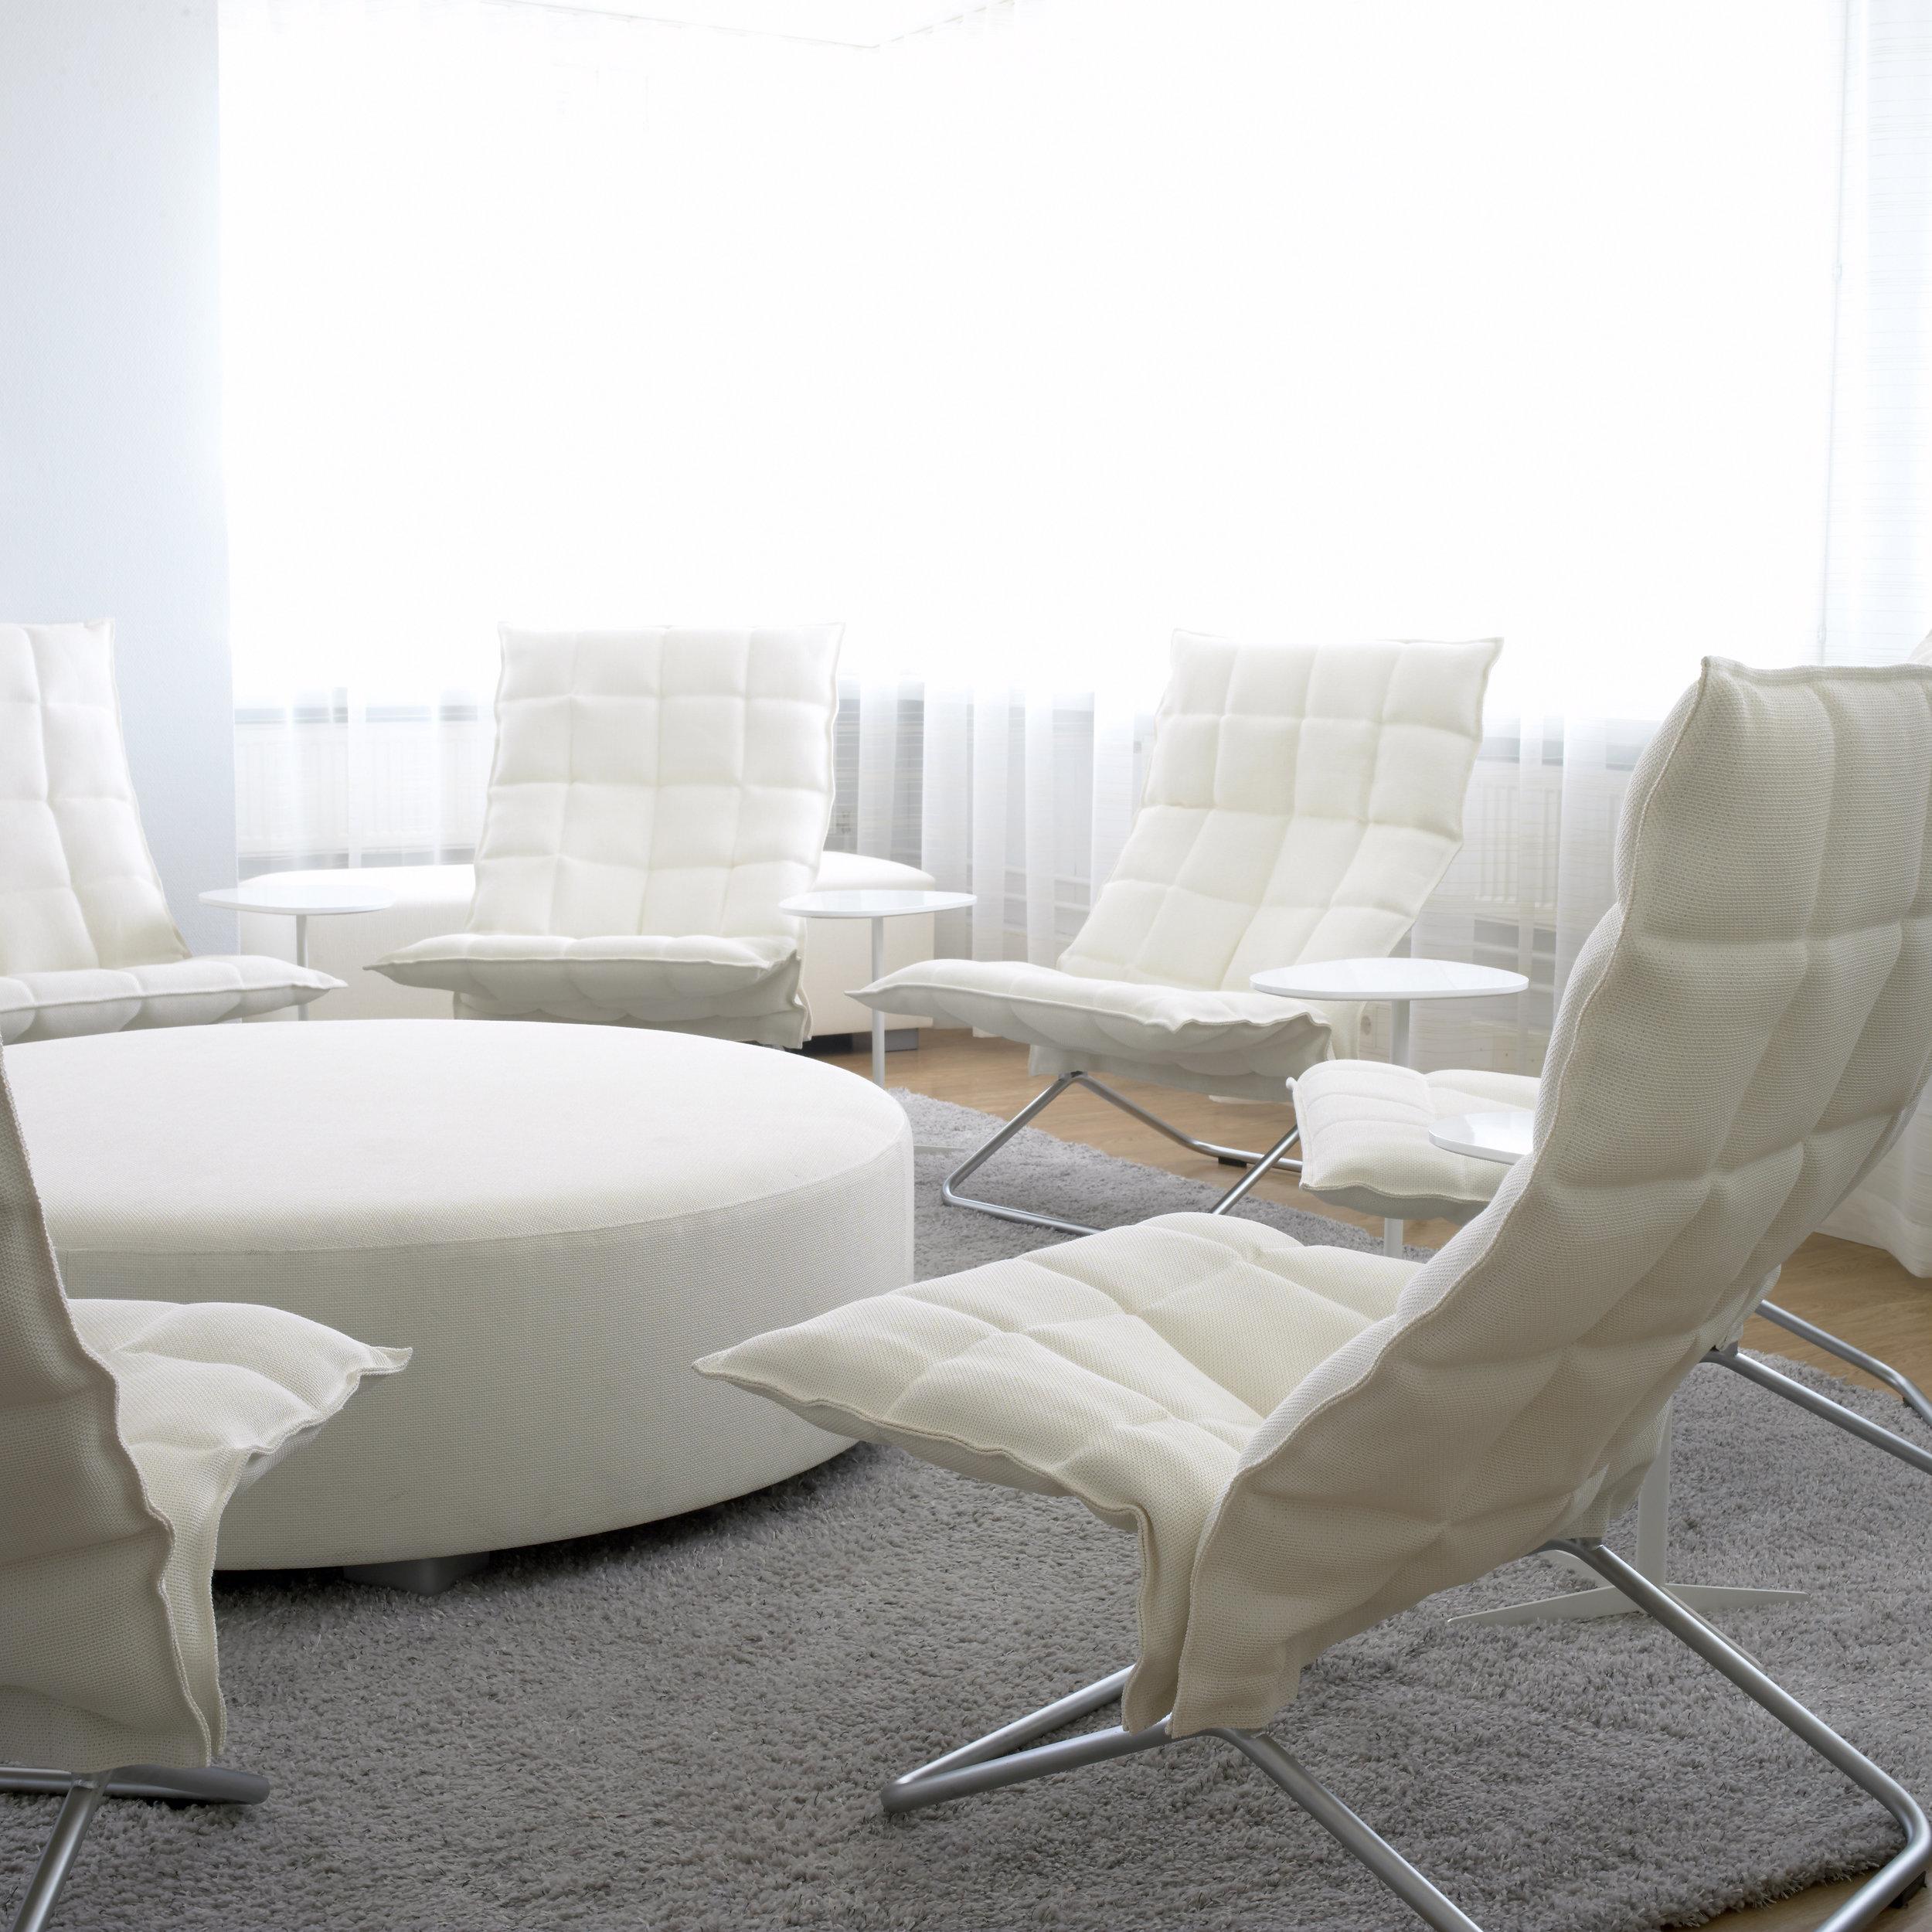 46003  Narrow Tubular k Chairs  white, 45605 Round bench white, 1612222 Sammal ice tufted carpet